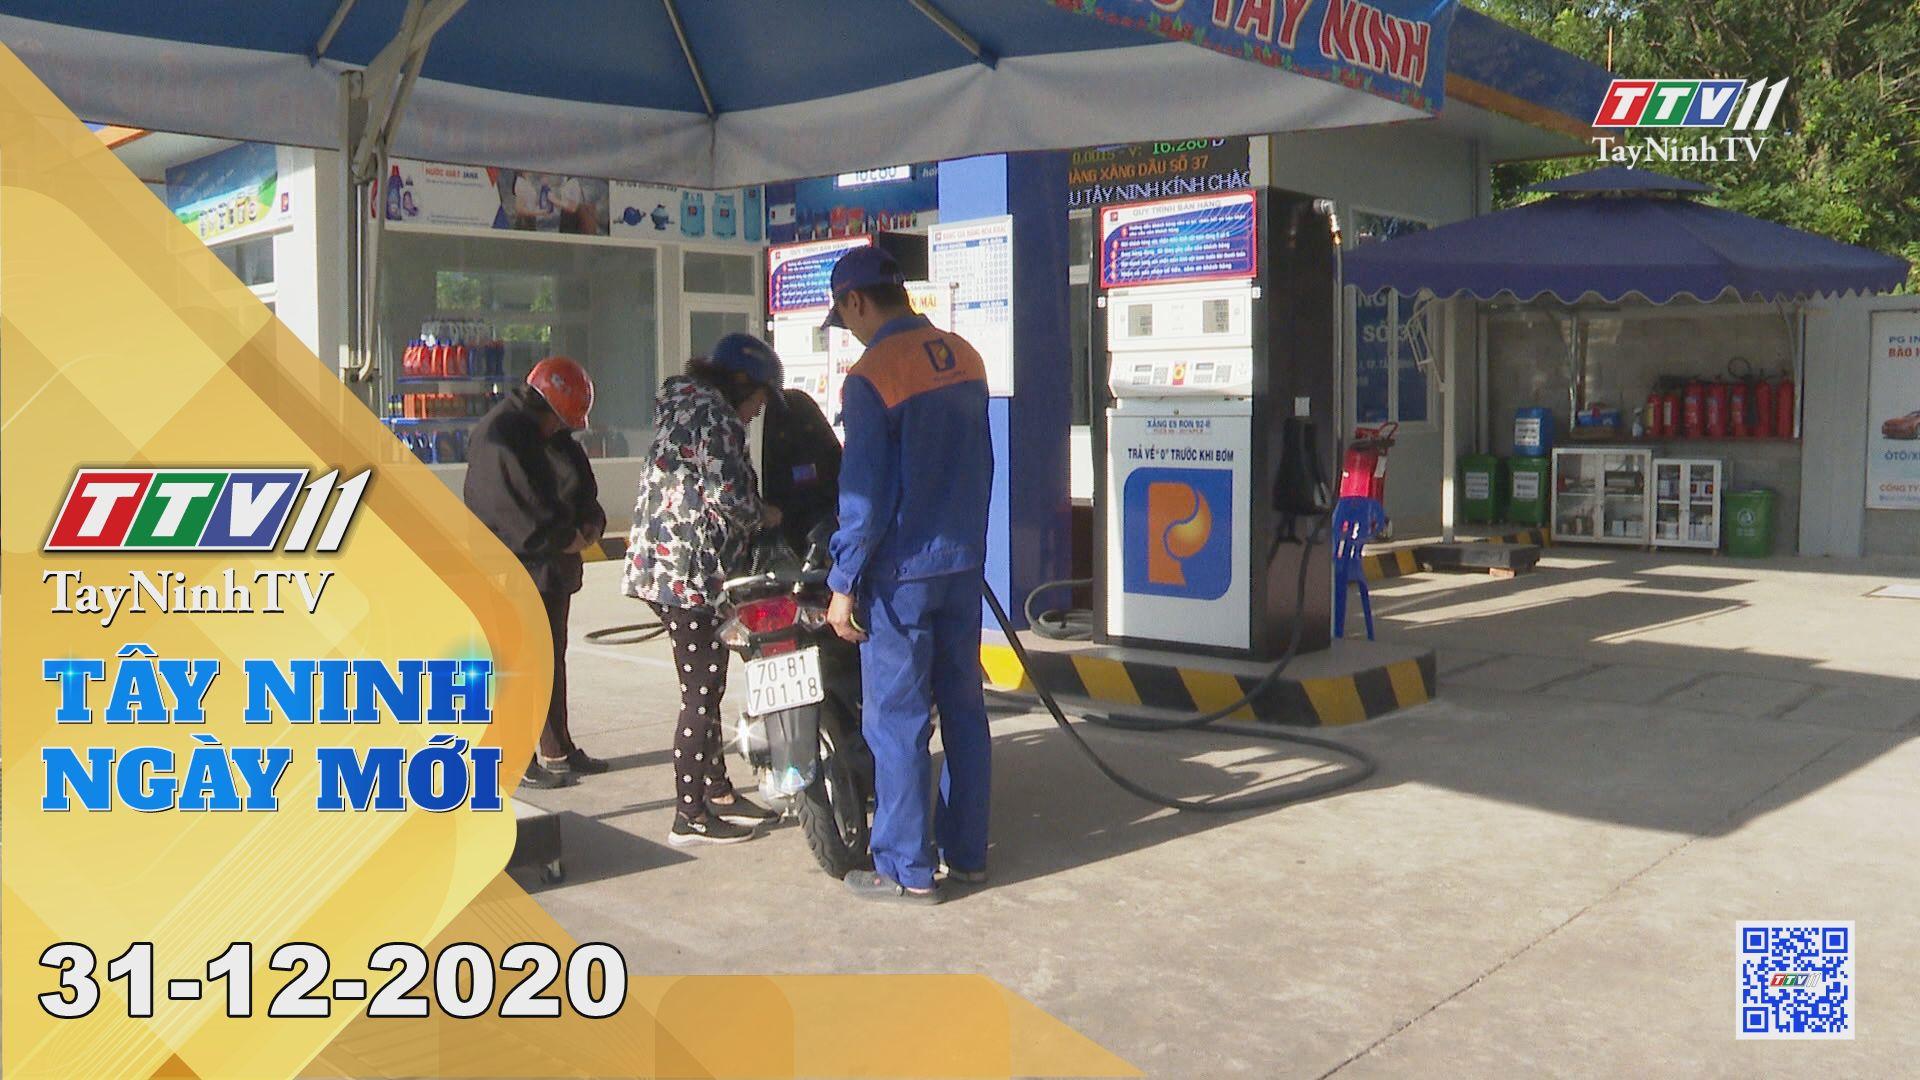 Tây Ninh Ngày Mới 31-12-2020 | Tin tức hôm nay | TayNinhTV